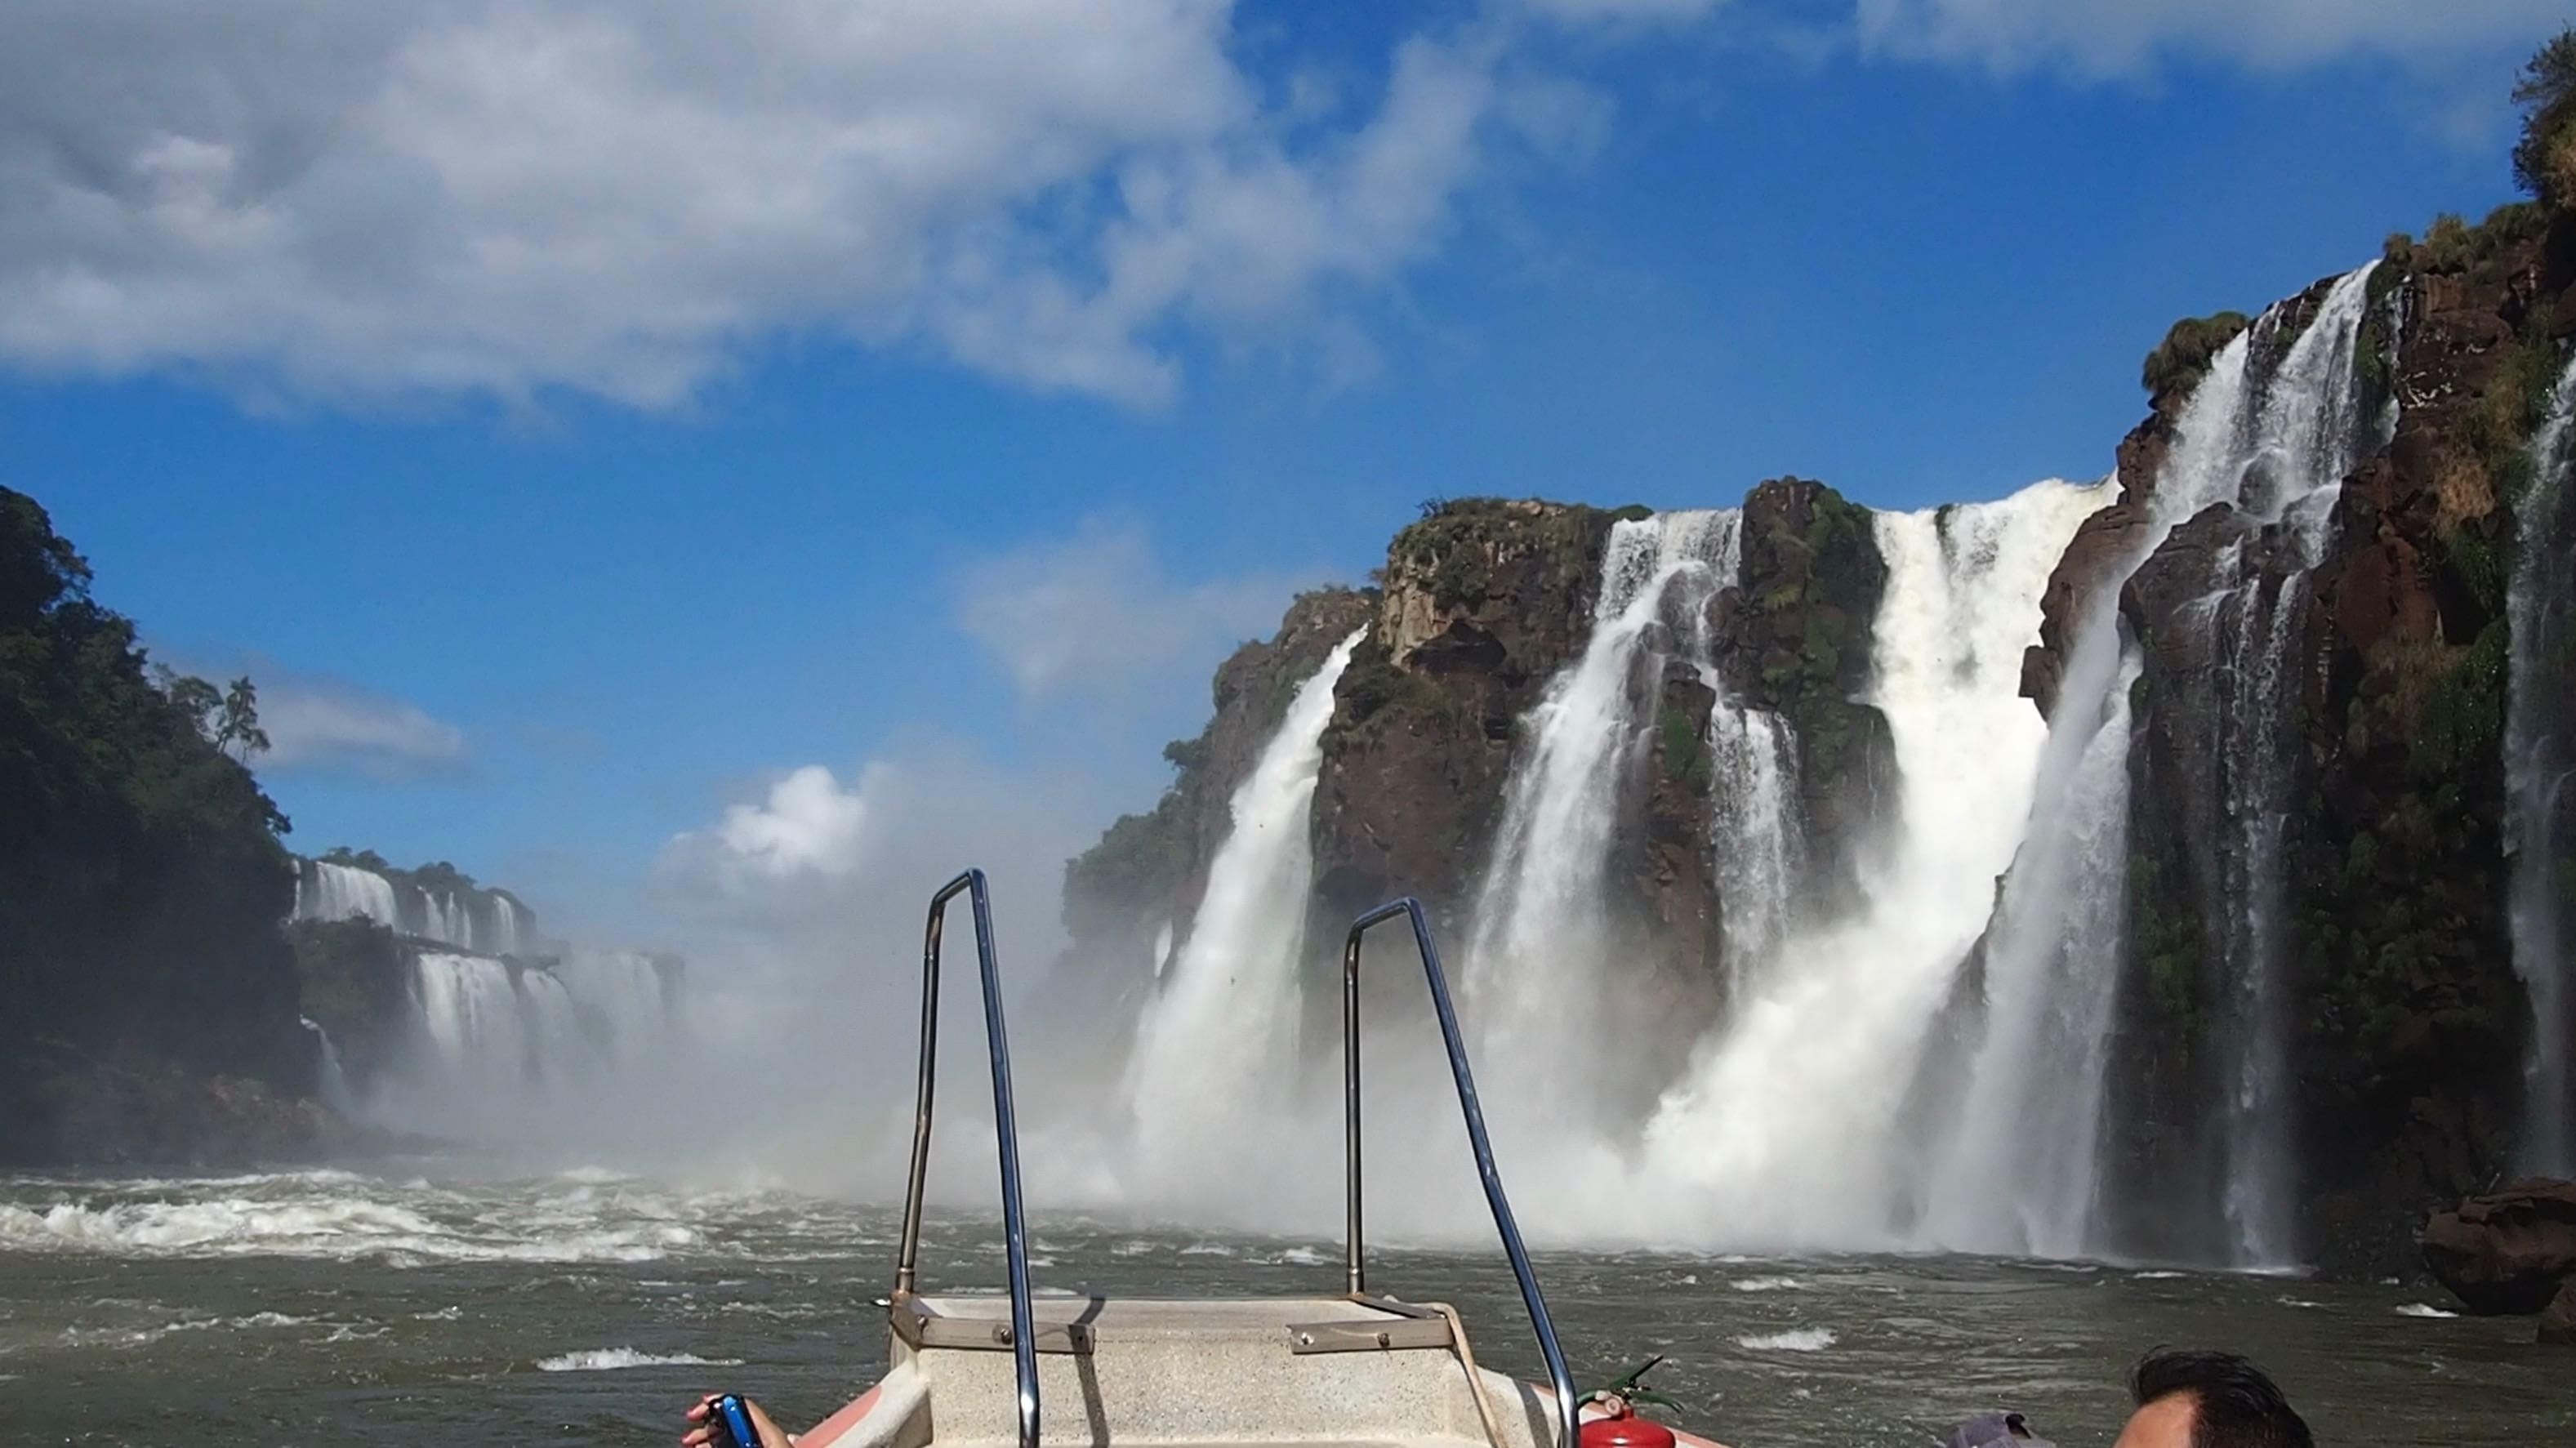 Visitar las Cataratas del Iguazú, la lancha se metió debajo de esas cascadas